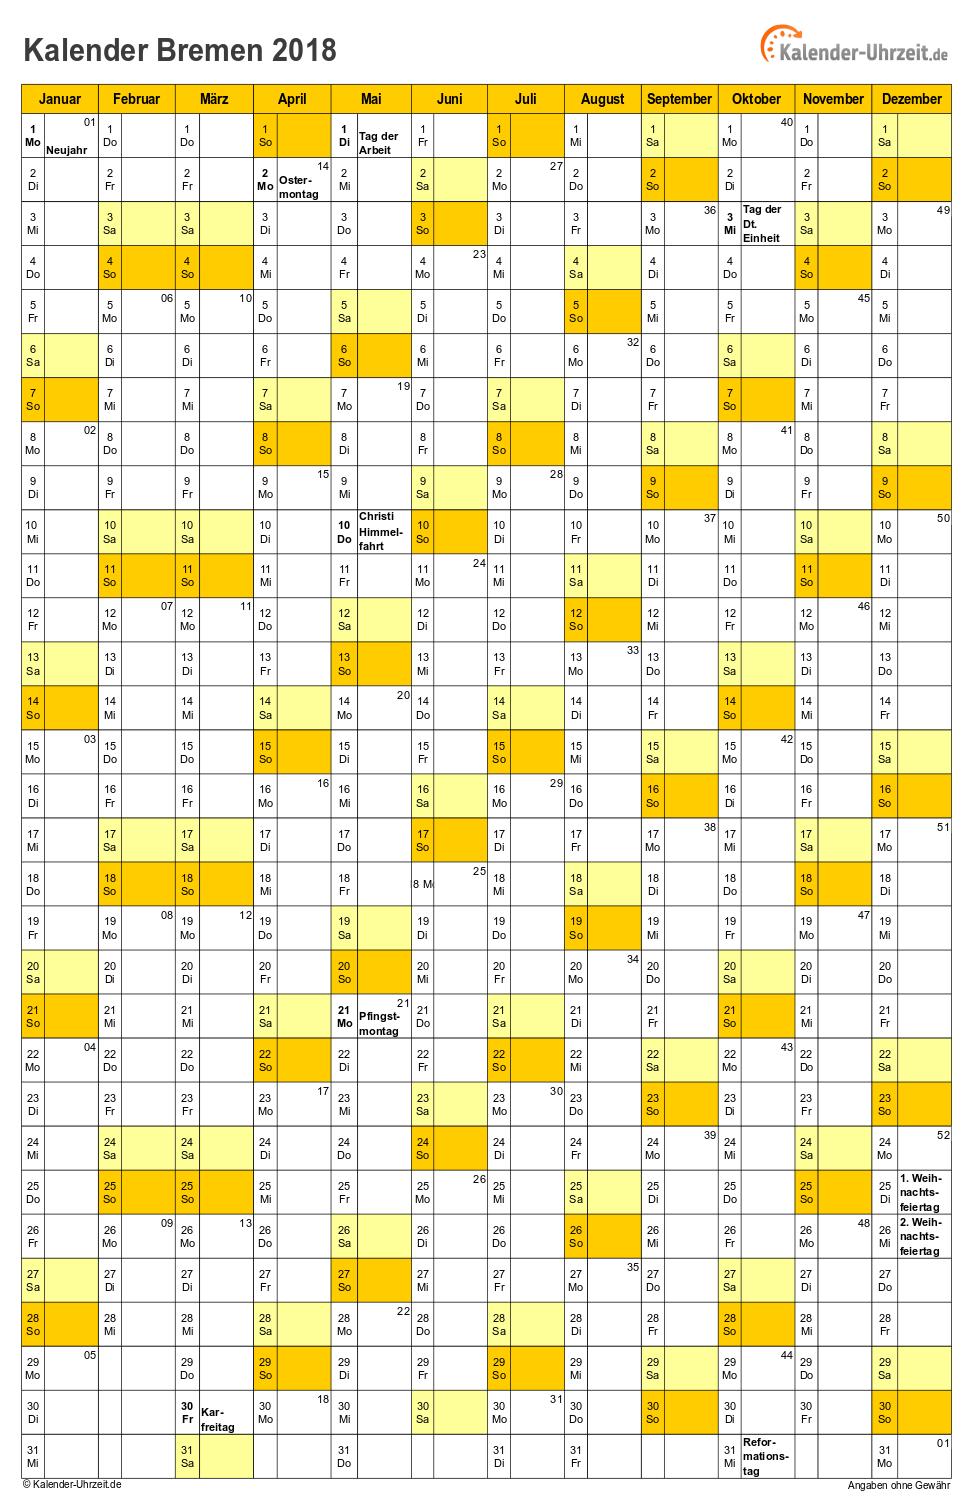 bremen kalender